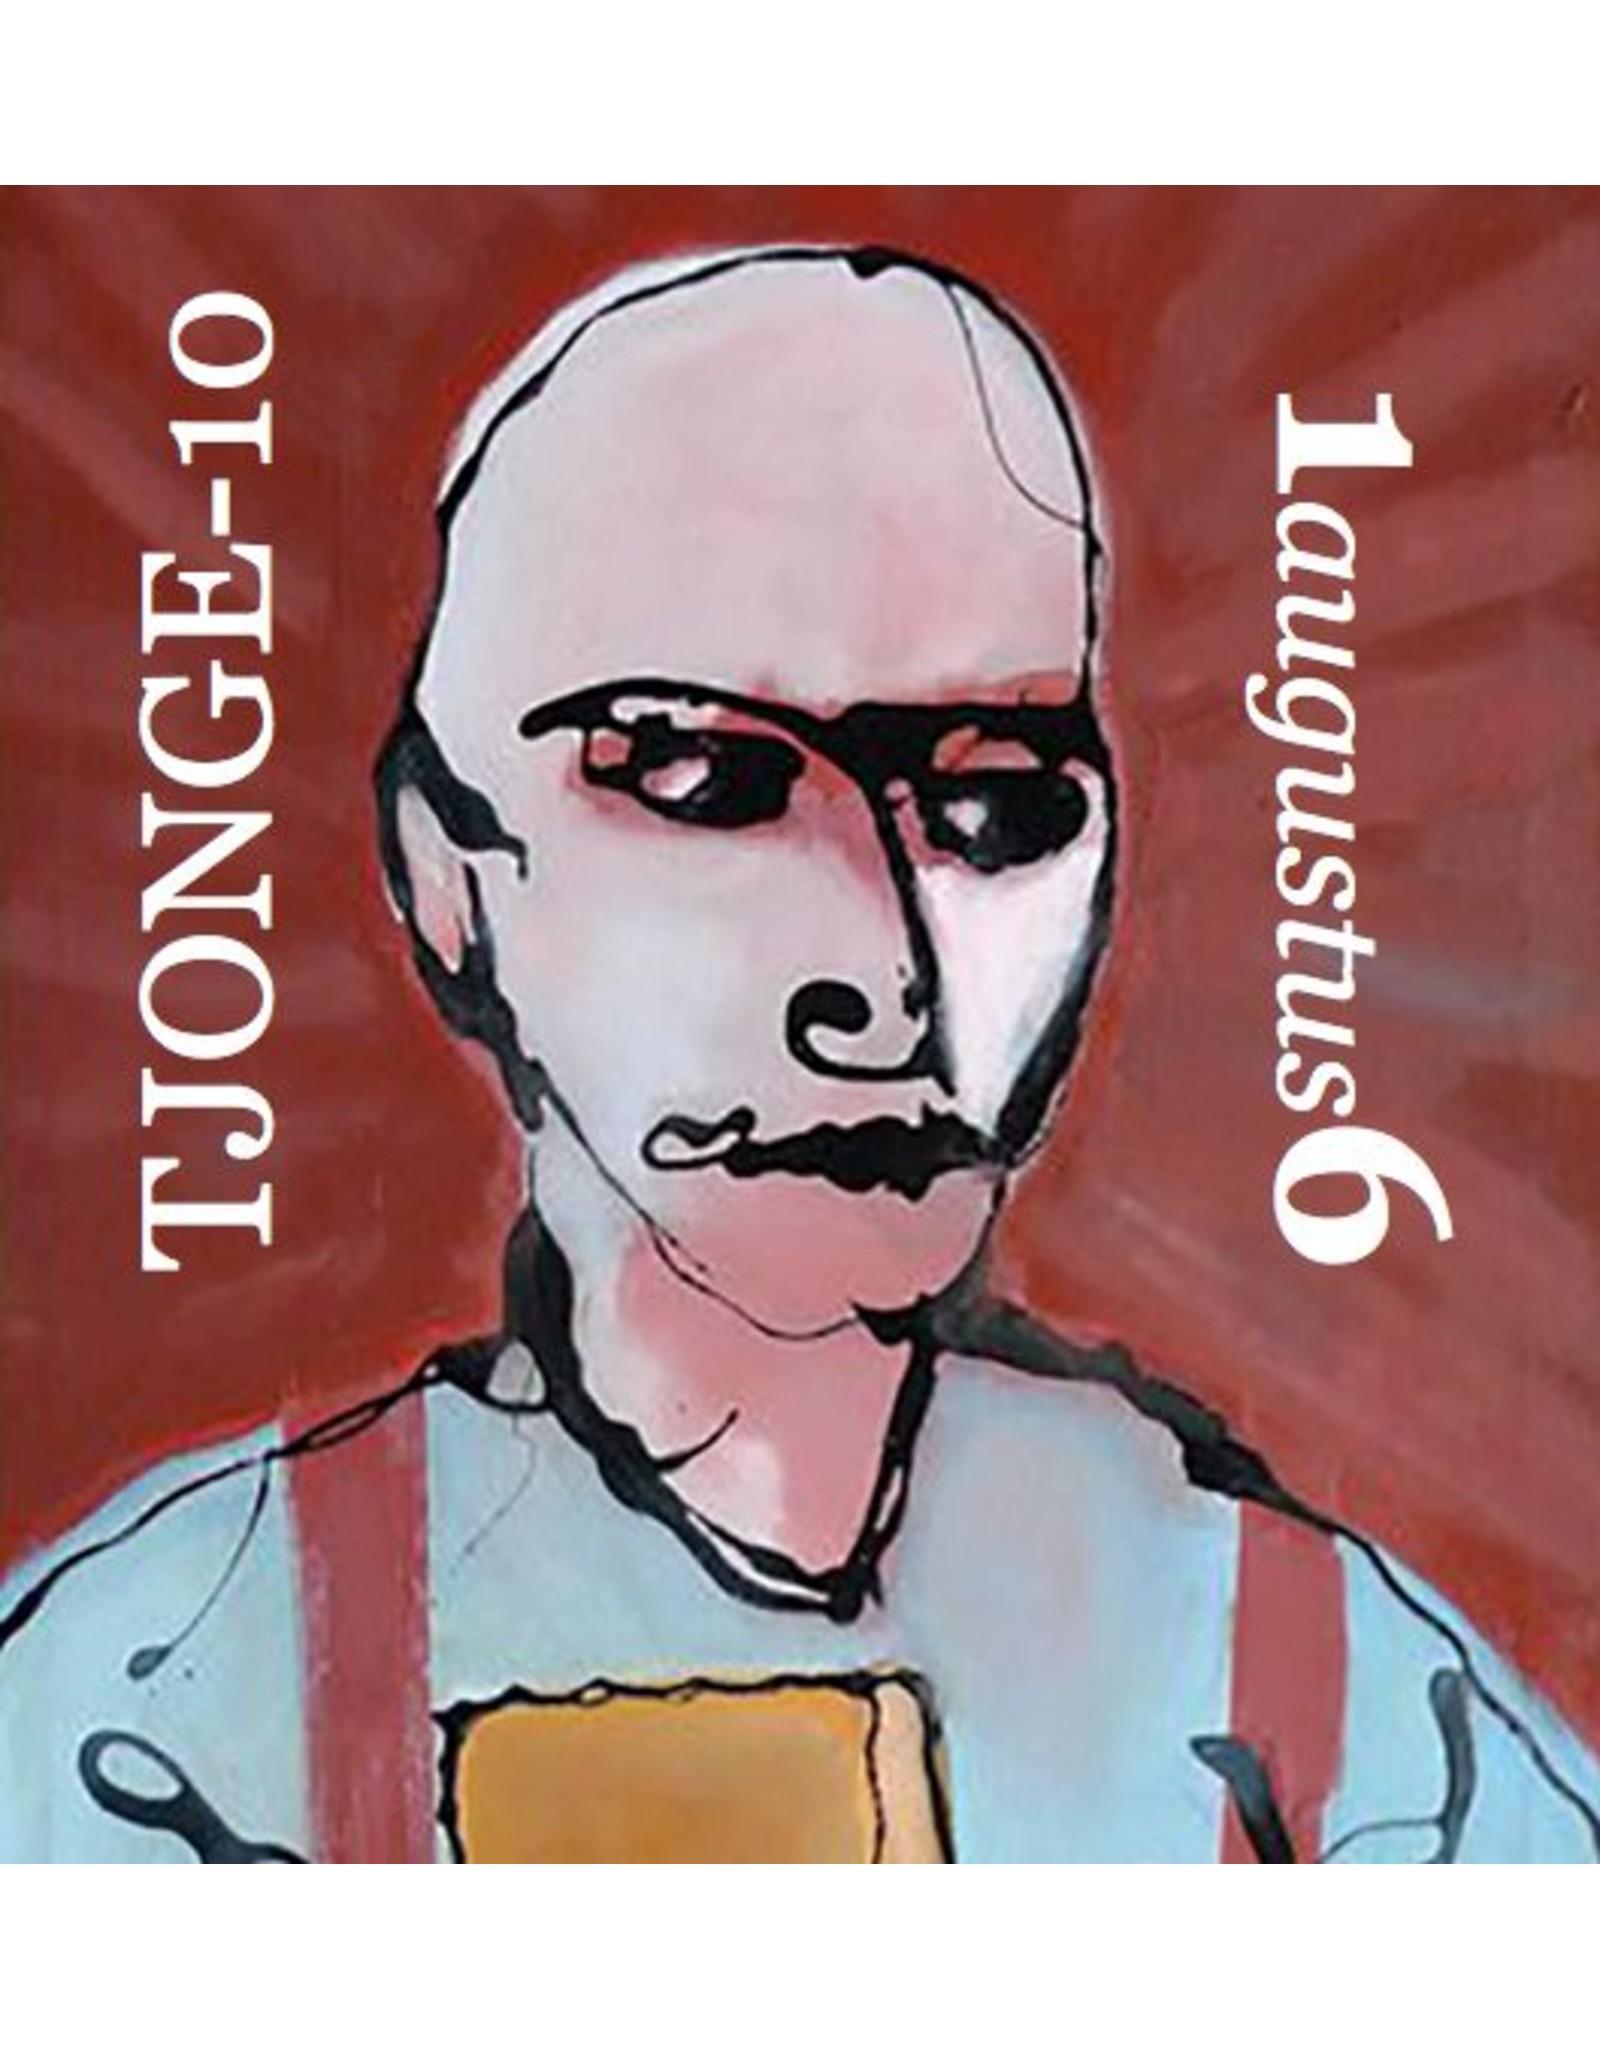 Tjonge-10 - eigenaardig periodiek met volstrekt onvoorspelbare verschijningsfrequentie